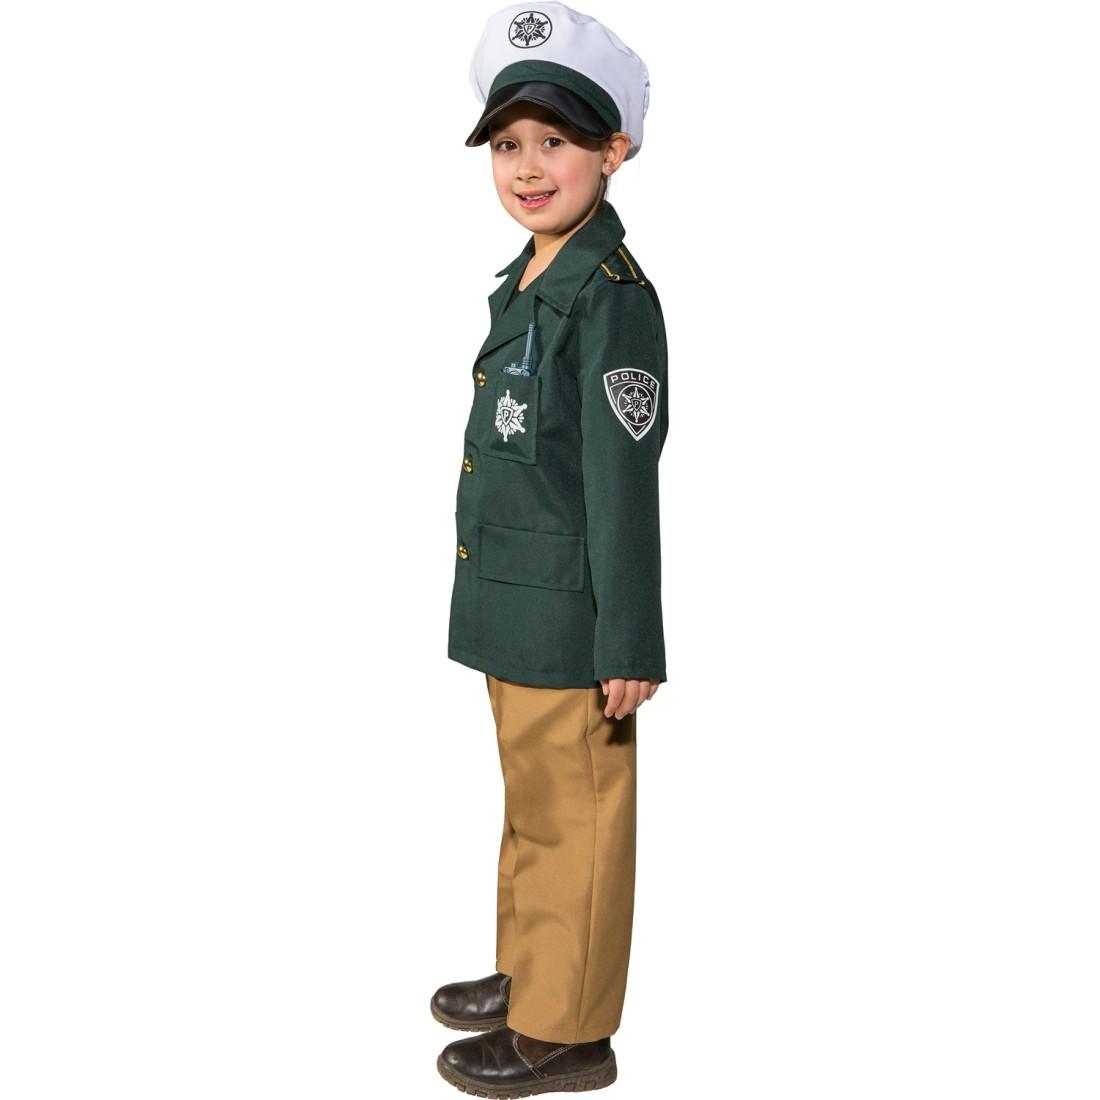 kinderkostüm polizei  polizisten kostüm für kinder 1749